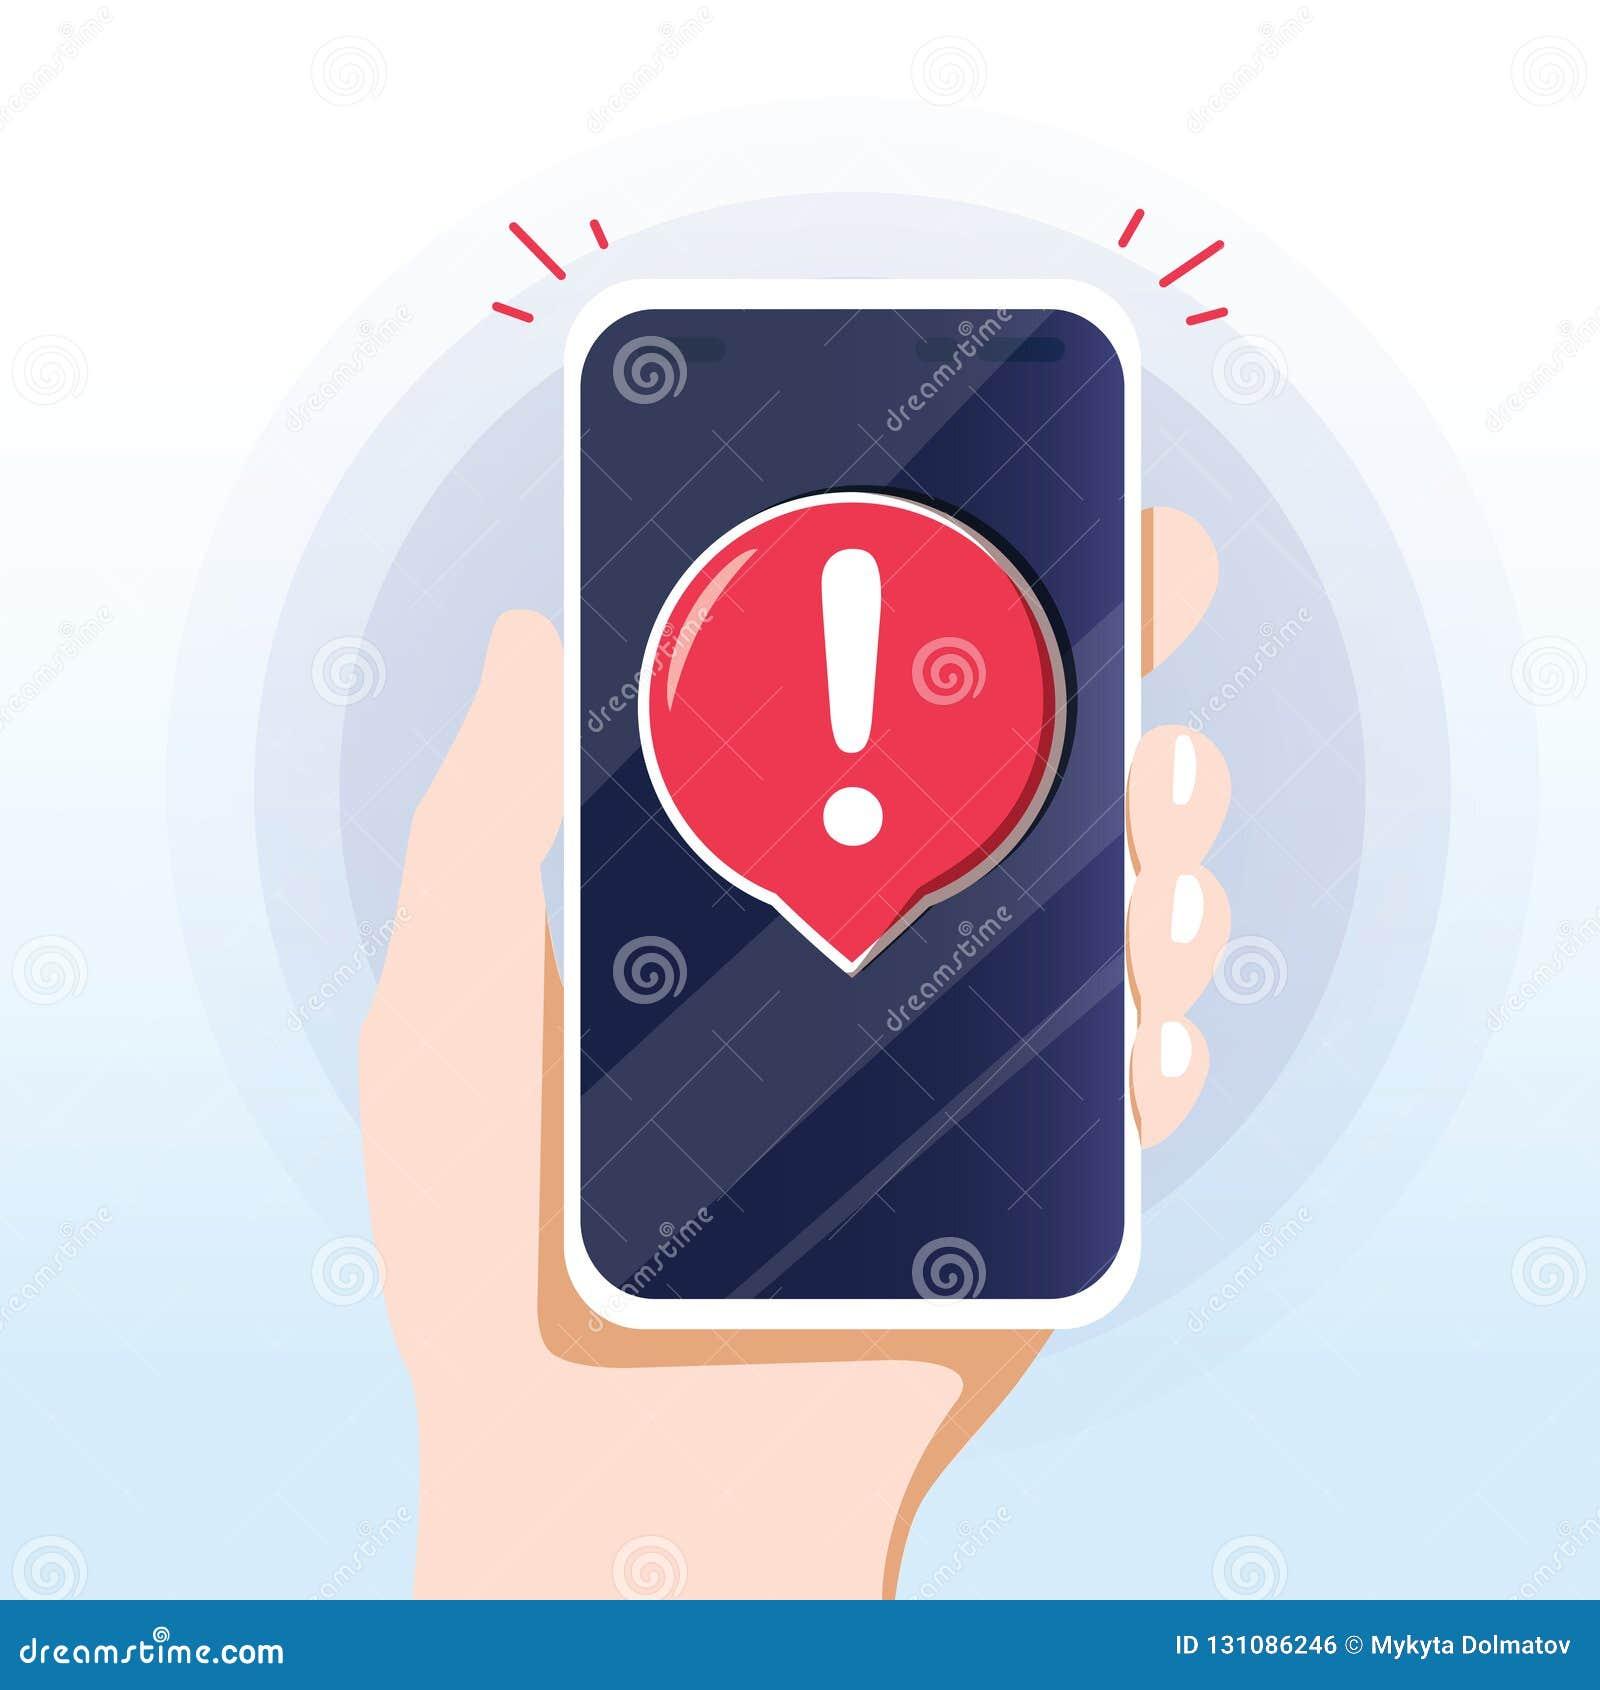 Waakzaam bericht mobiel bericht Het alarm van de gevaarsfout, smartpho